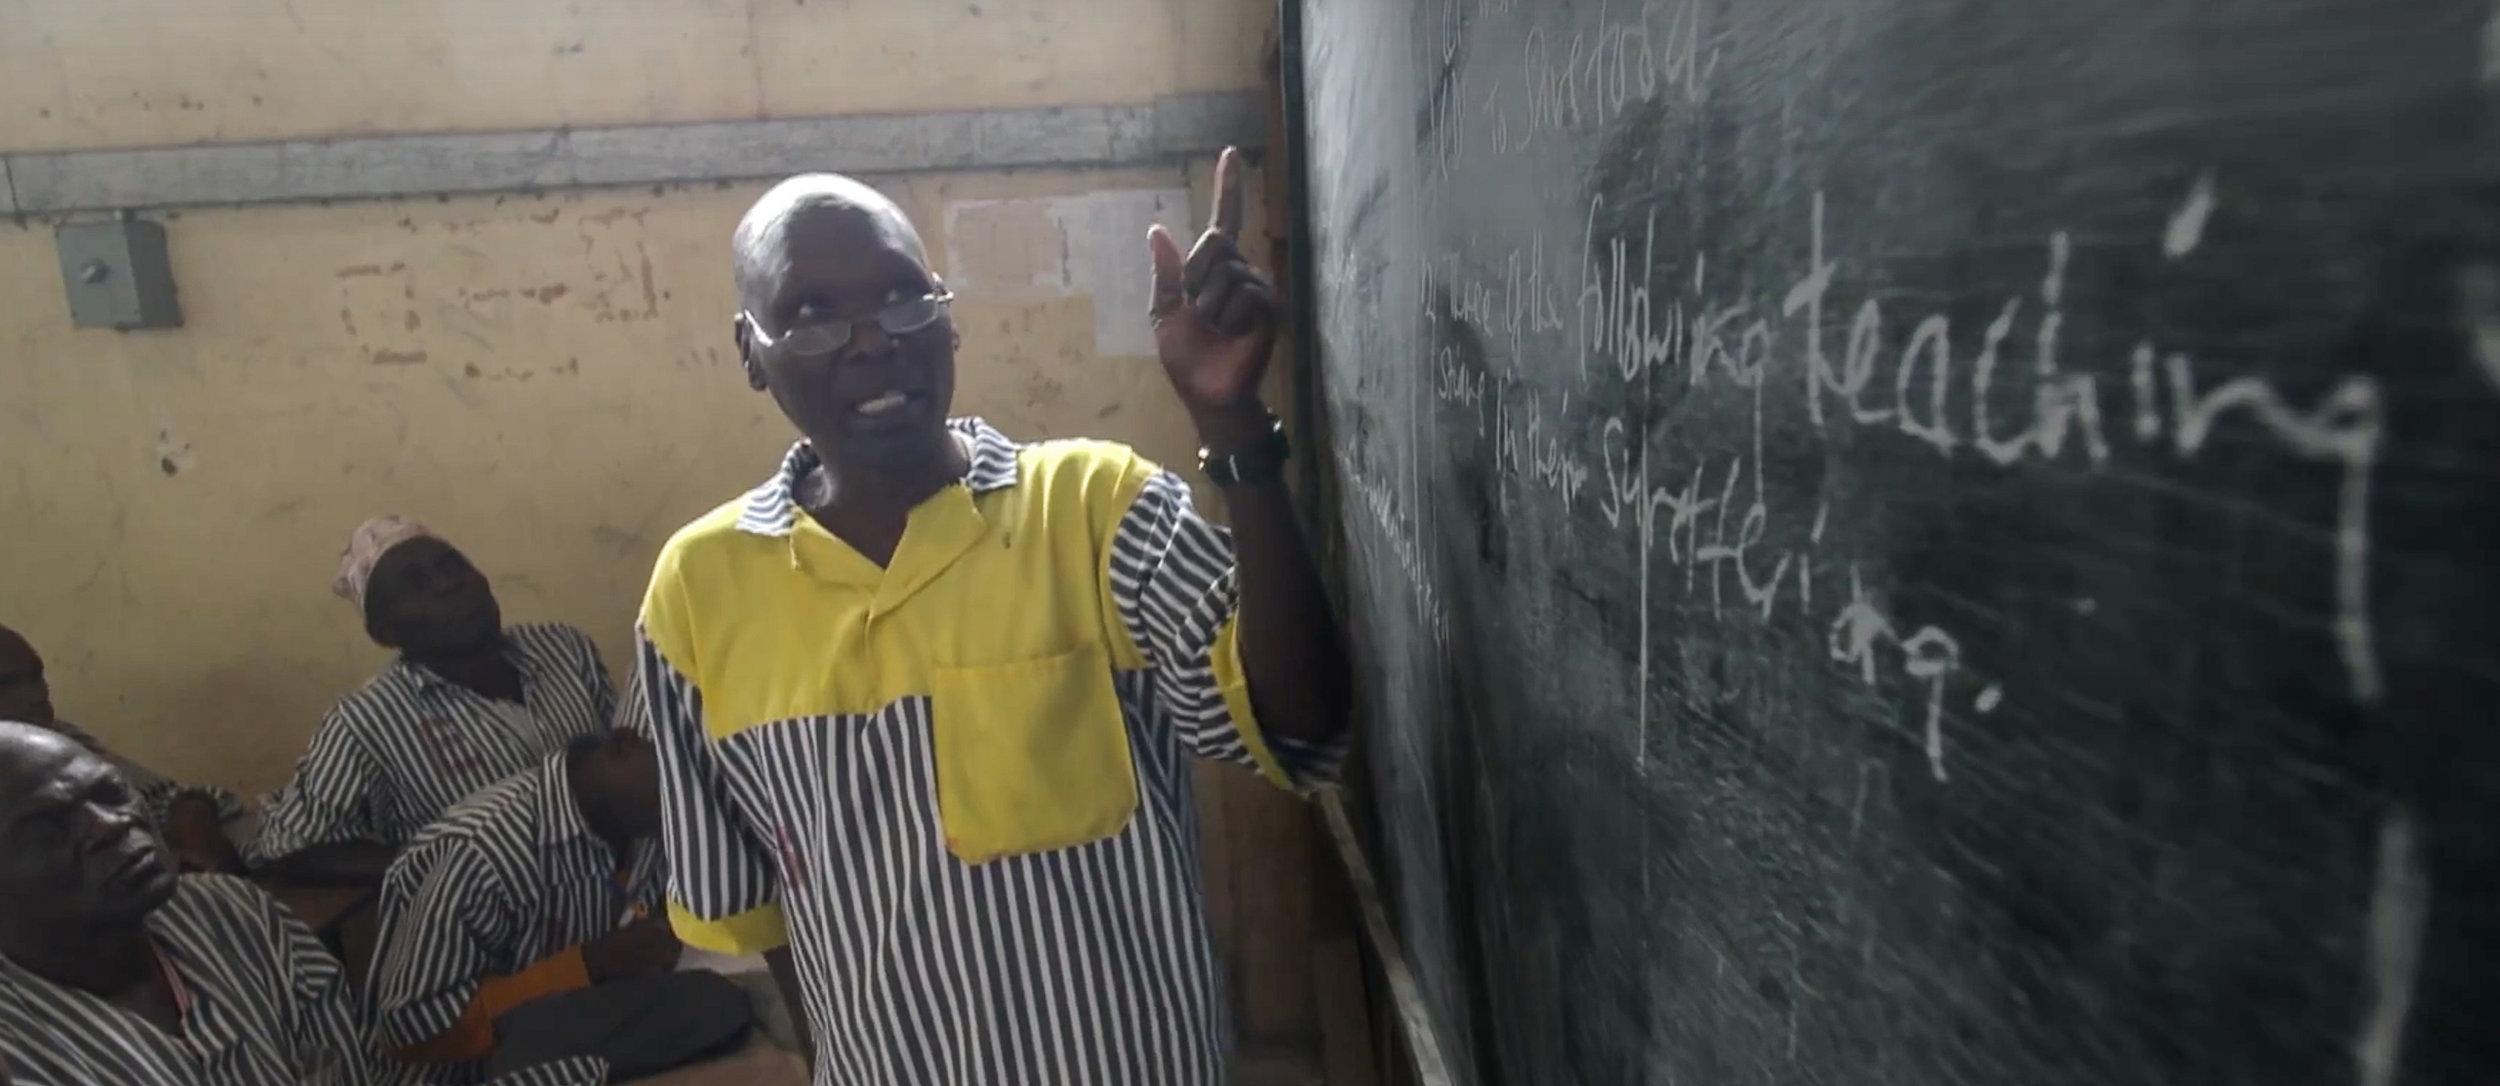 Watch APP in Rebel Education